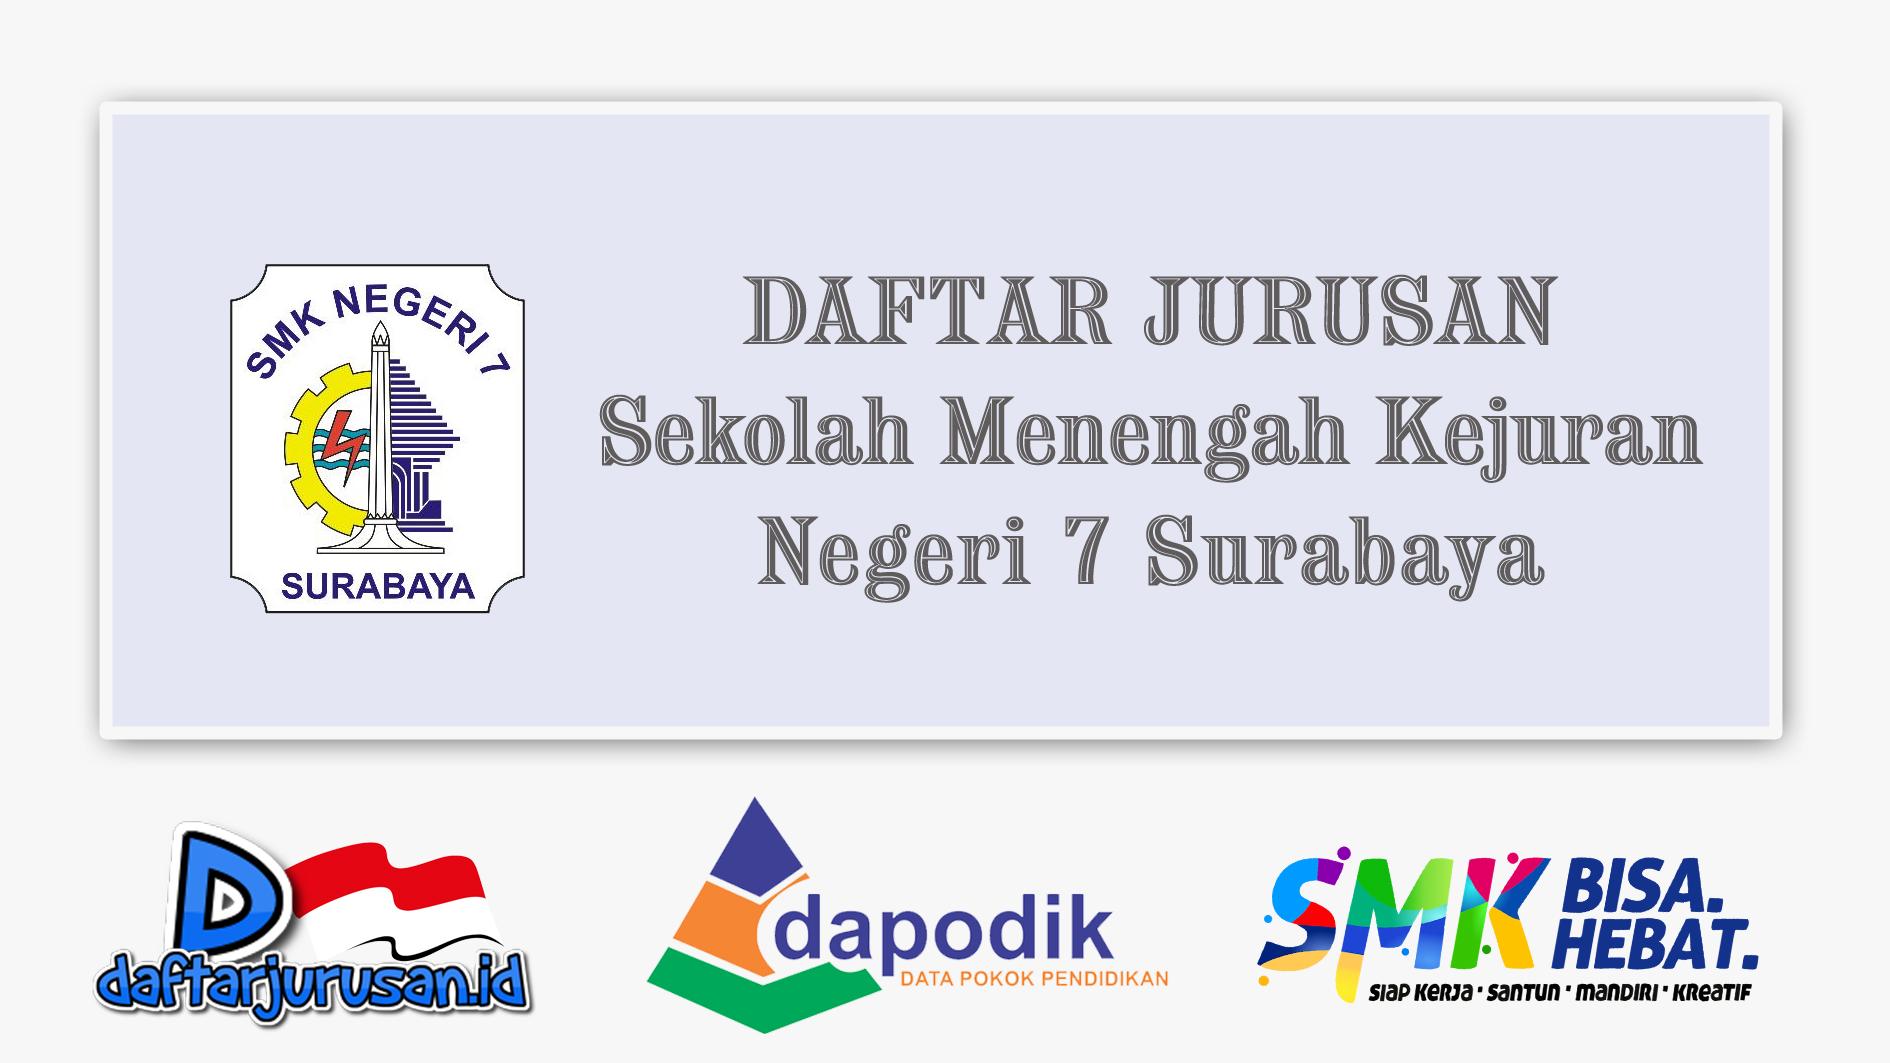 Daftar Jurusan SMK Negeri 7 Surabaya